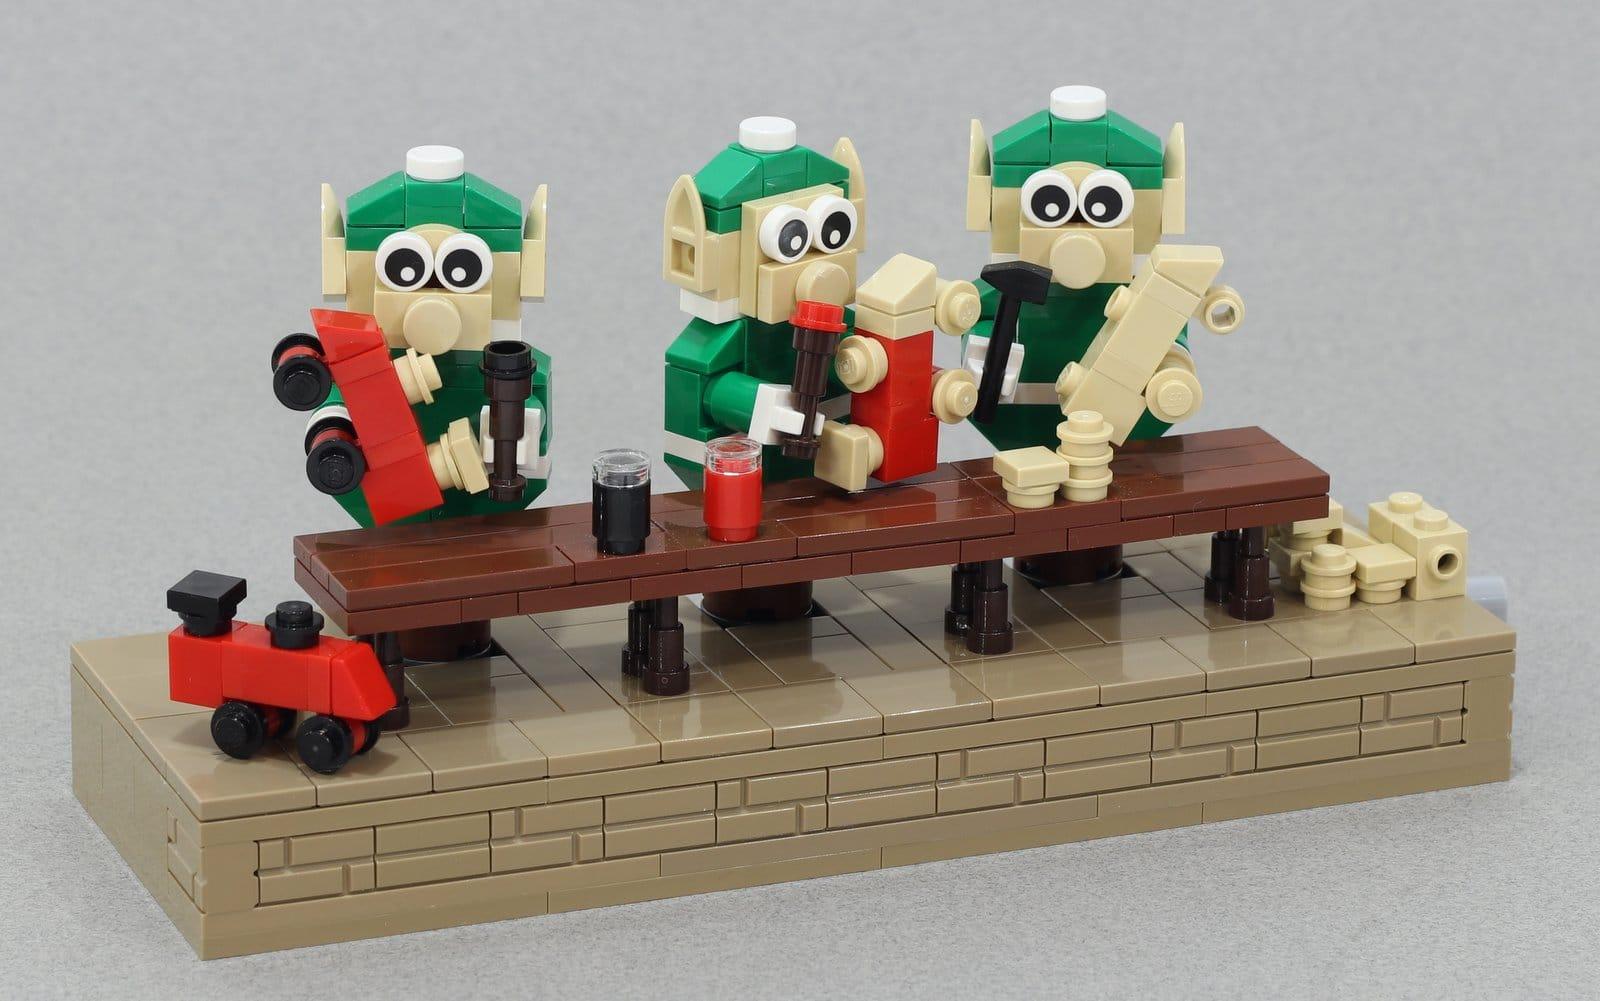 LEGO Weihnachtselfen: Bastelt euch diesen lustigen Deko-Spaß!